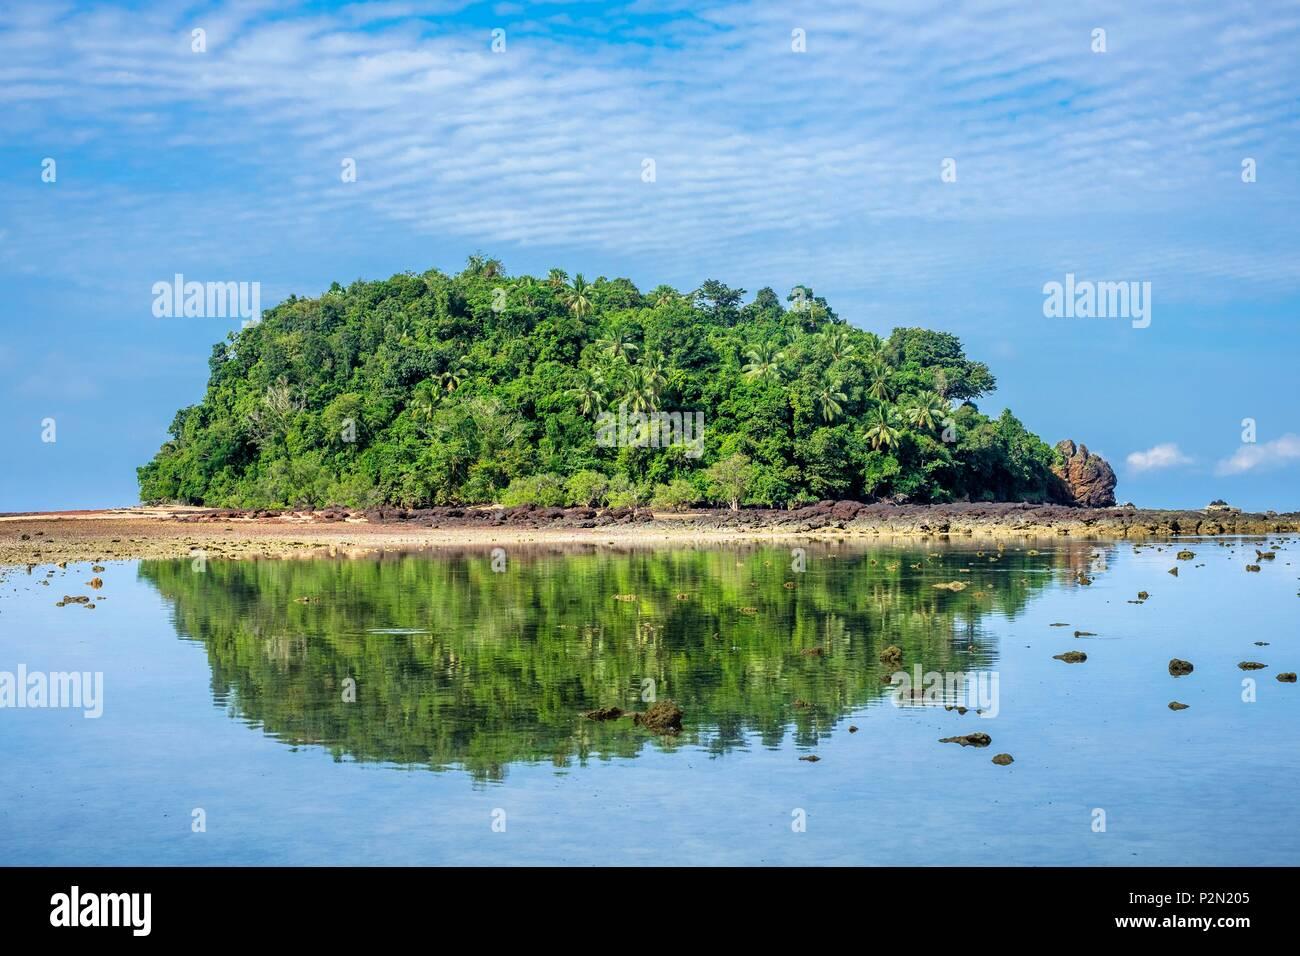 Thailandia, Trang provincia, Ko Libong isola, isoletta rivolta Haad Kao Lang spiaggia che può essere raggiunta a piedi con la bassa marea Immagini Stock